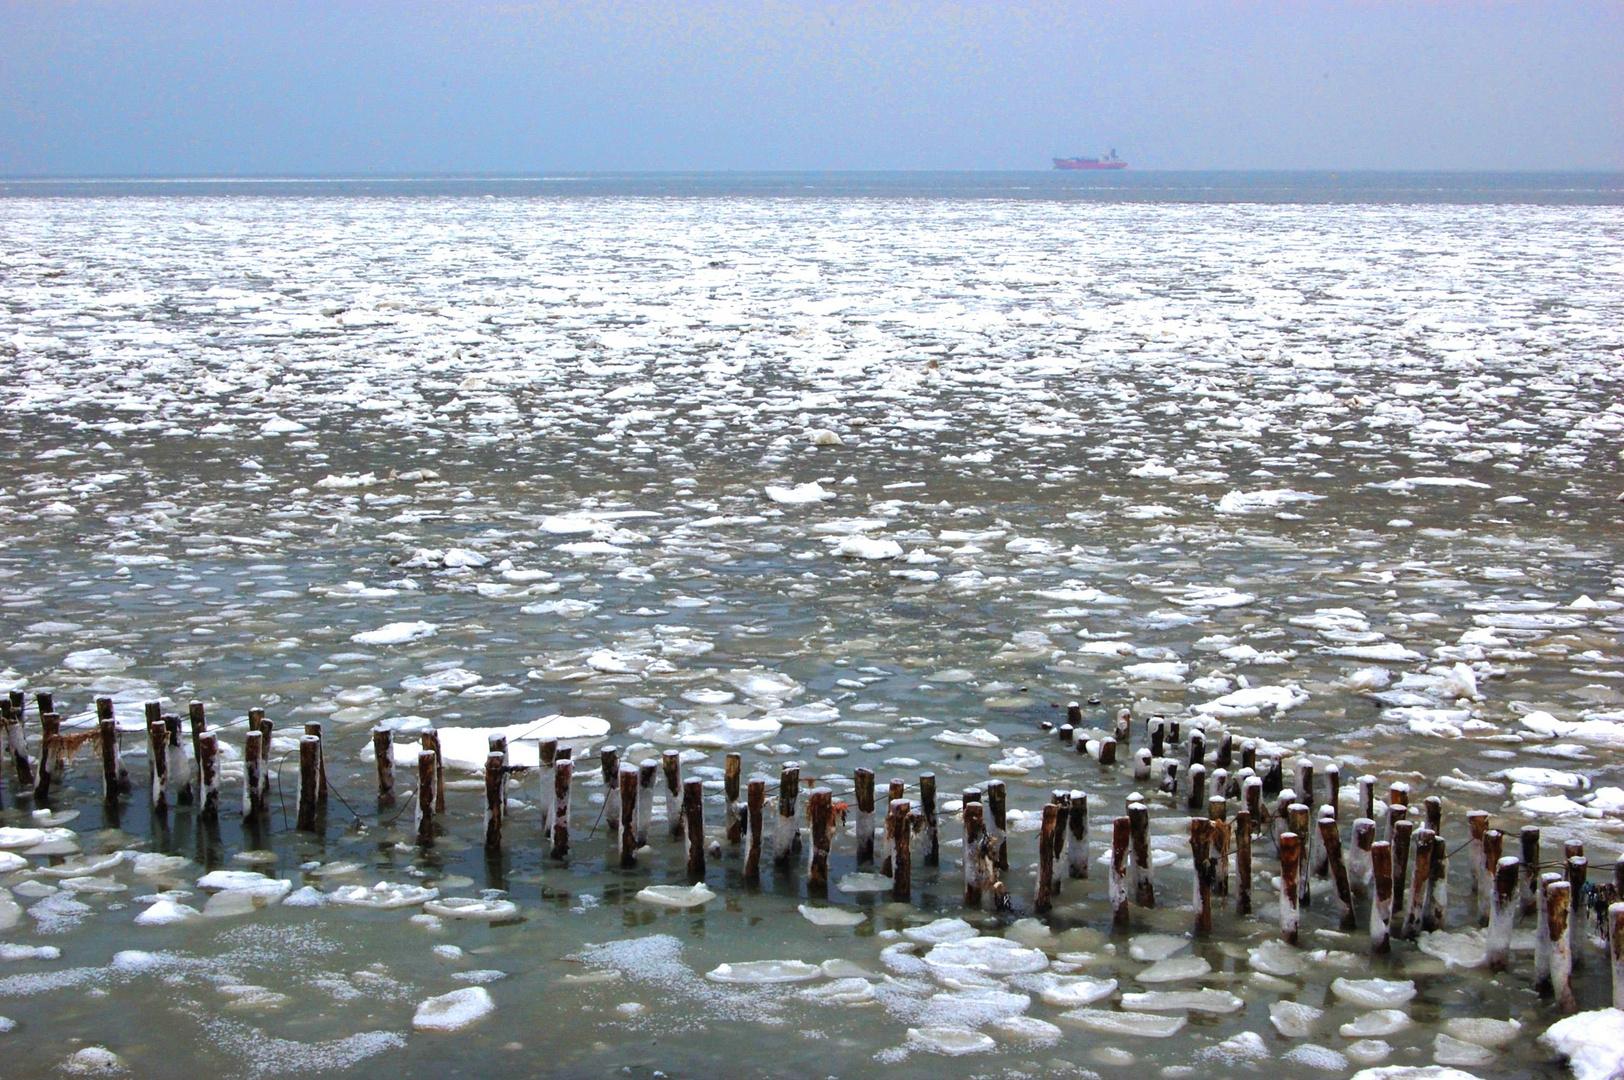 Eisschollen auf der Nordsee